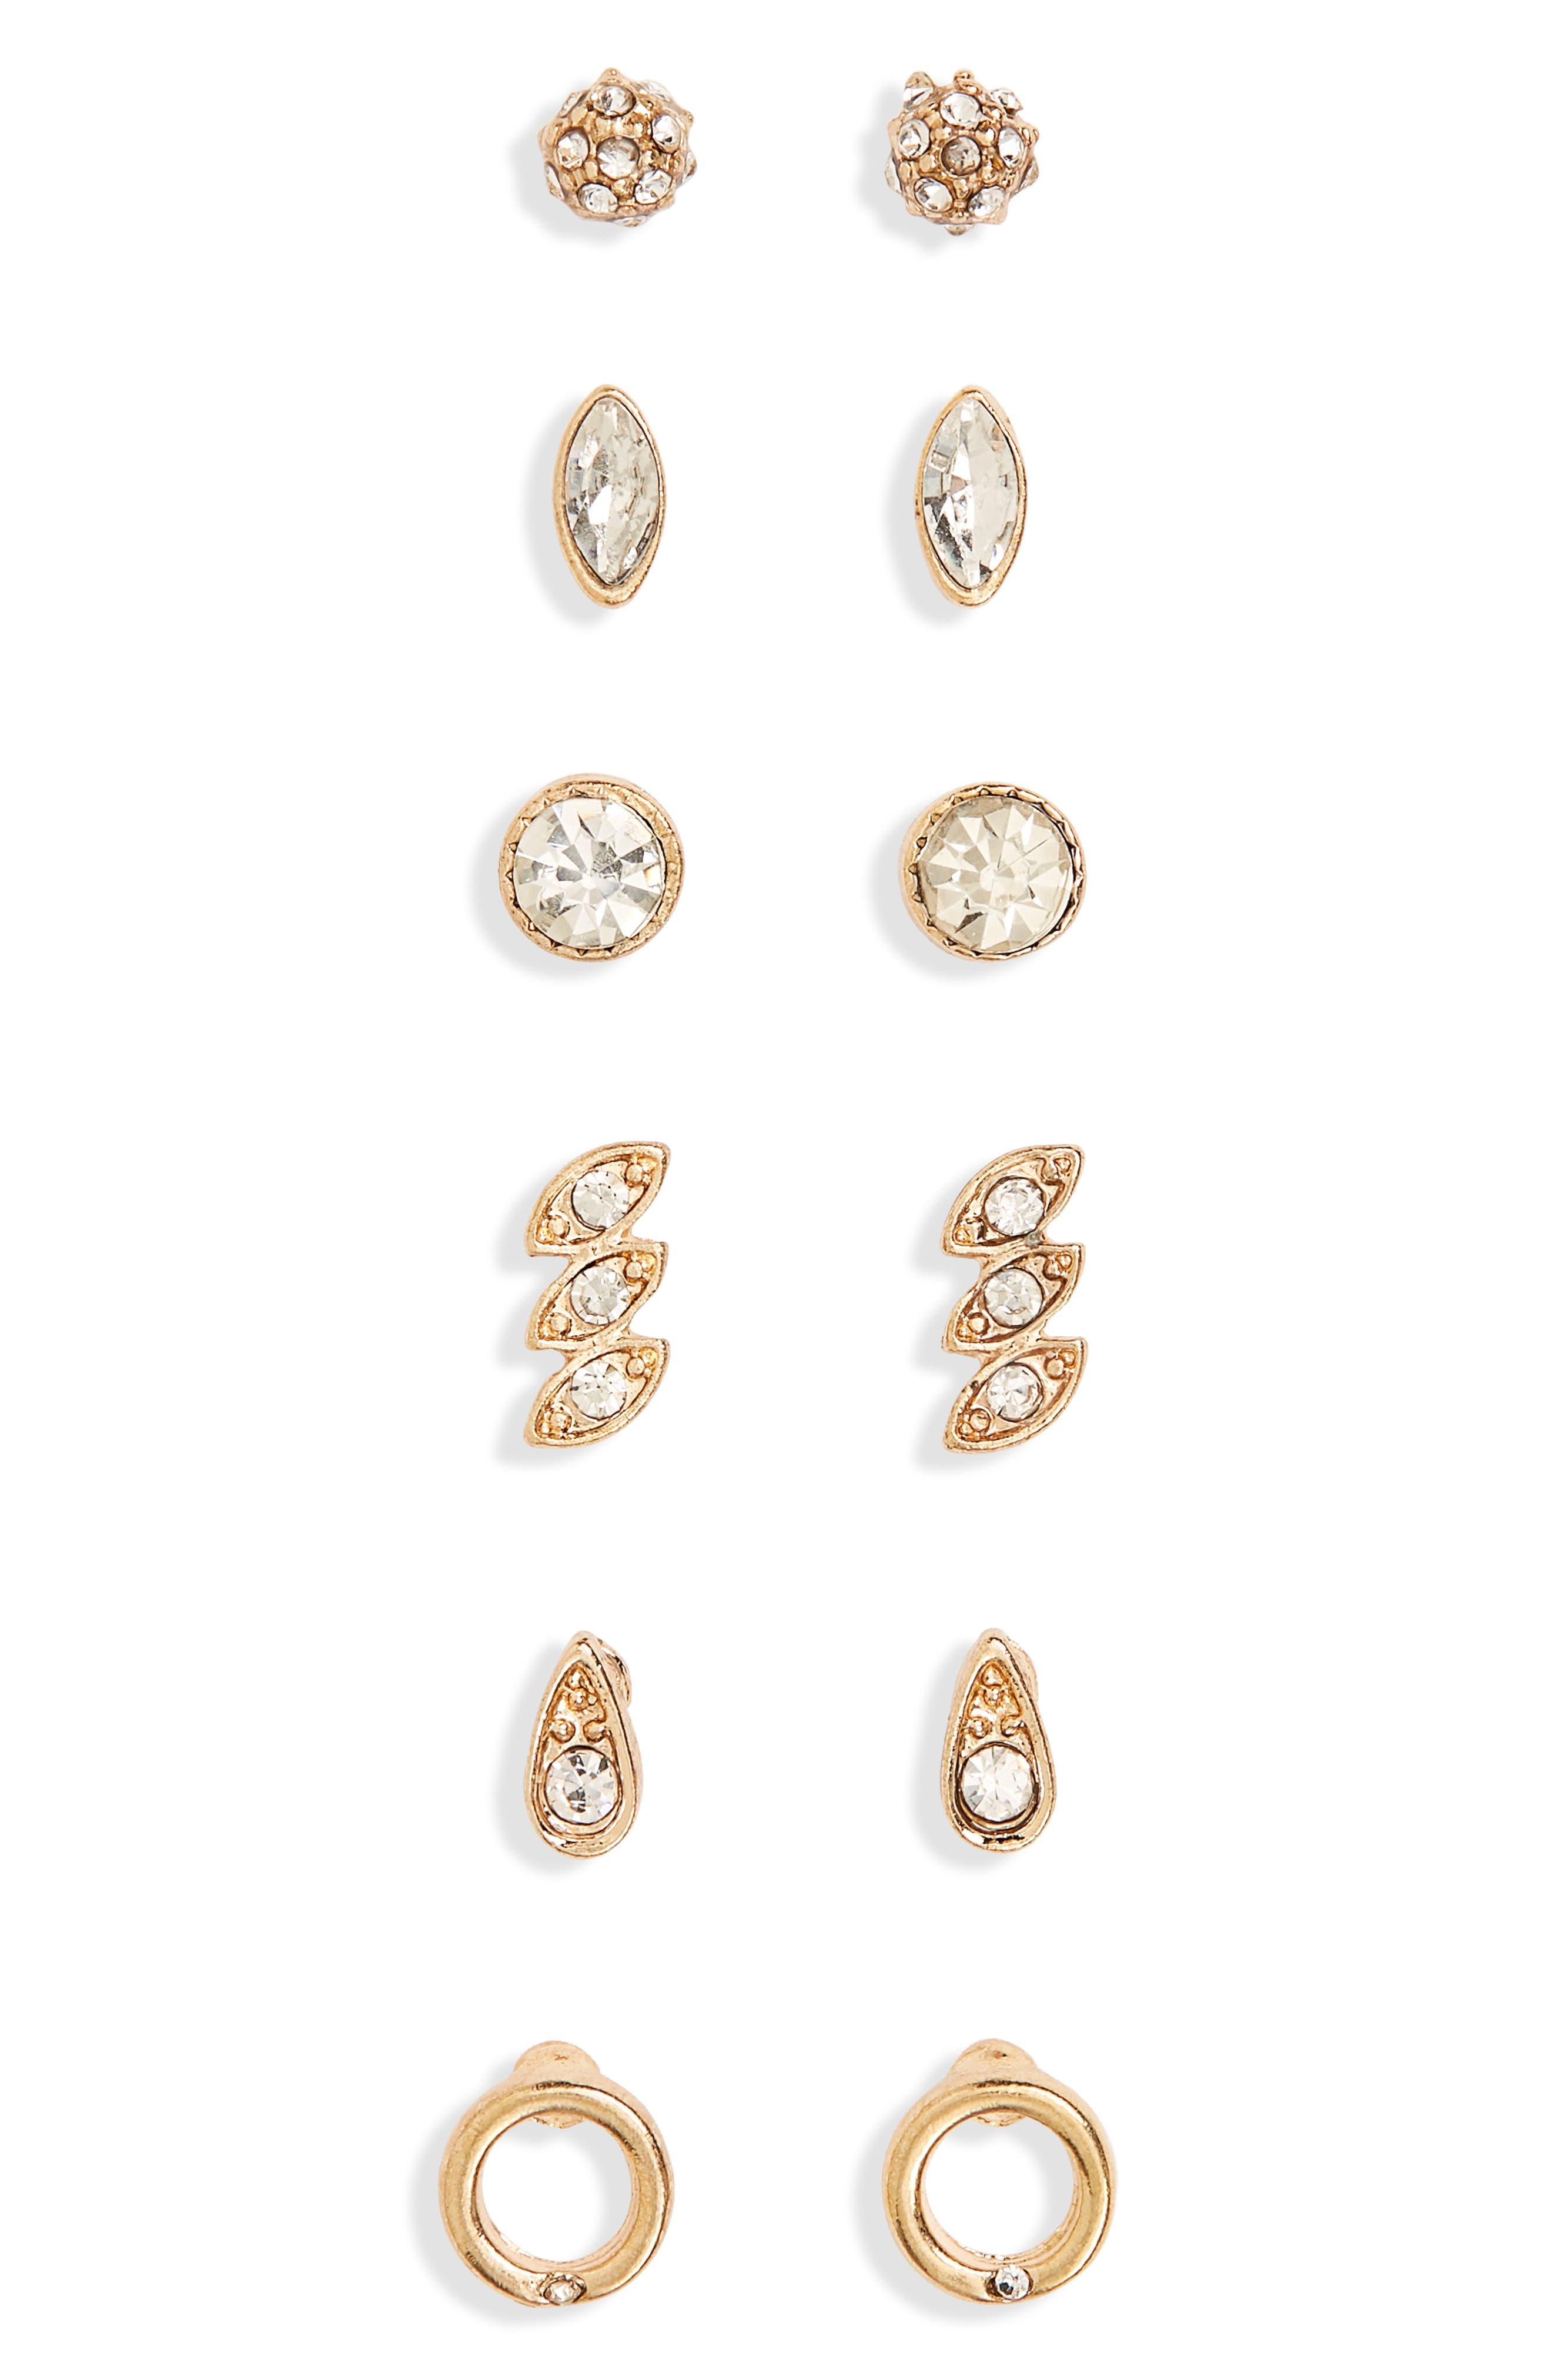 6-Pack Crystal Stud Earrings,                         Main,                         color, 710